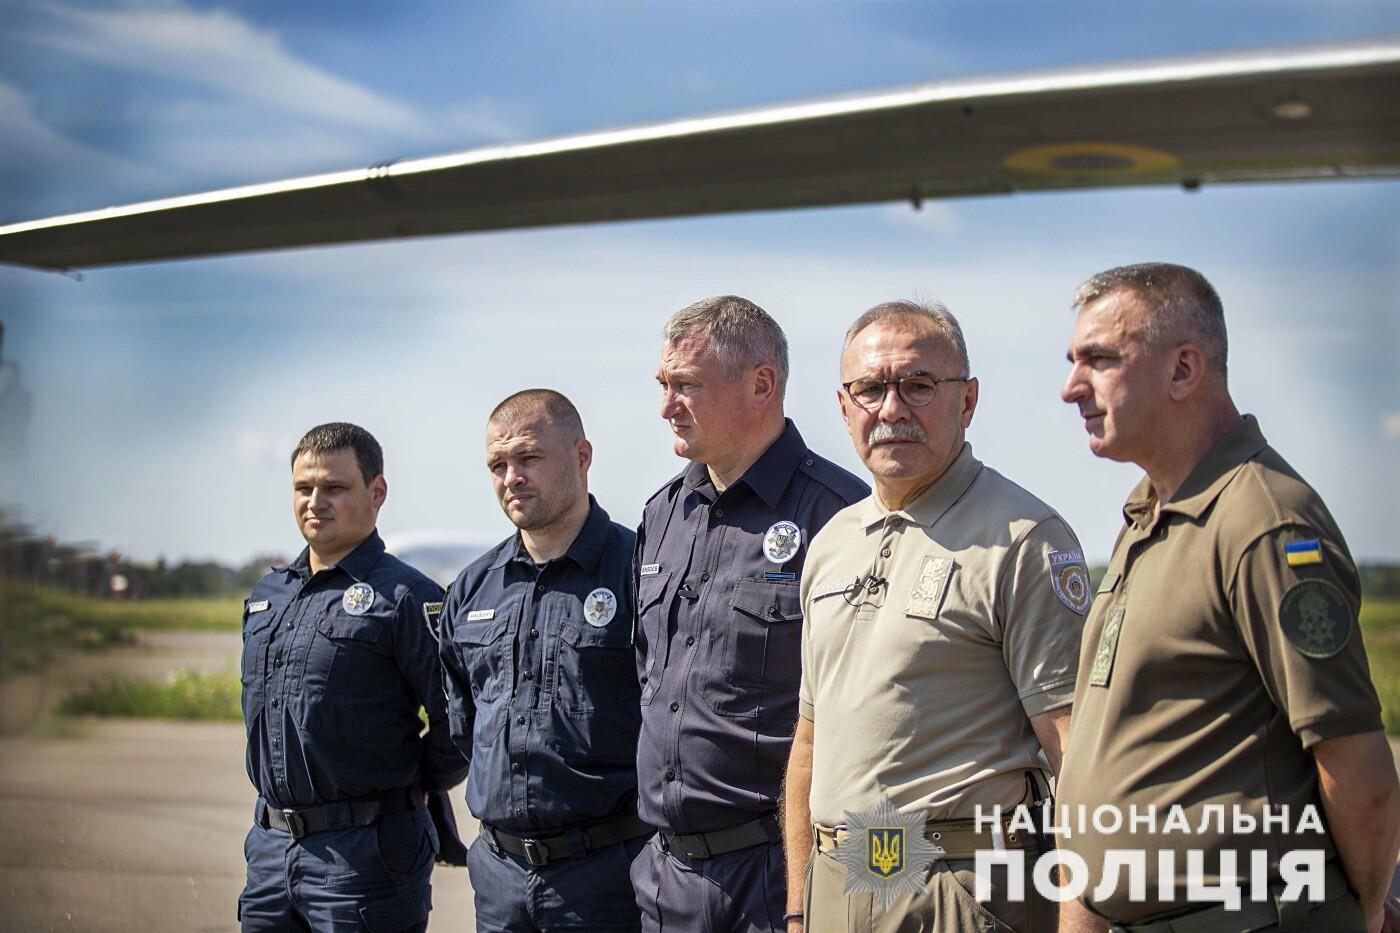 За дотриманням порядку на виборах слідкуватимуть загони авіапідтримки поліції, - ФОТО, фото-3